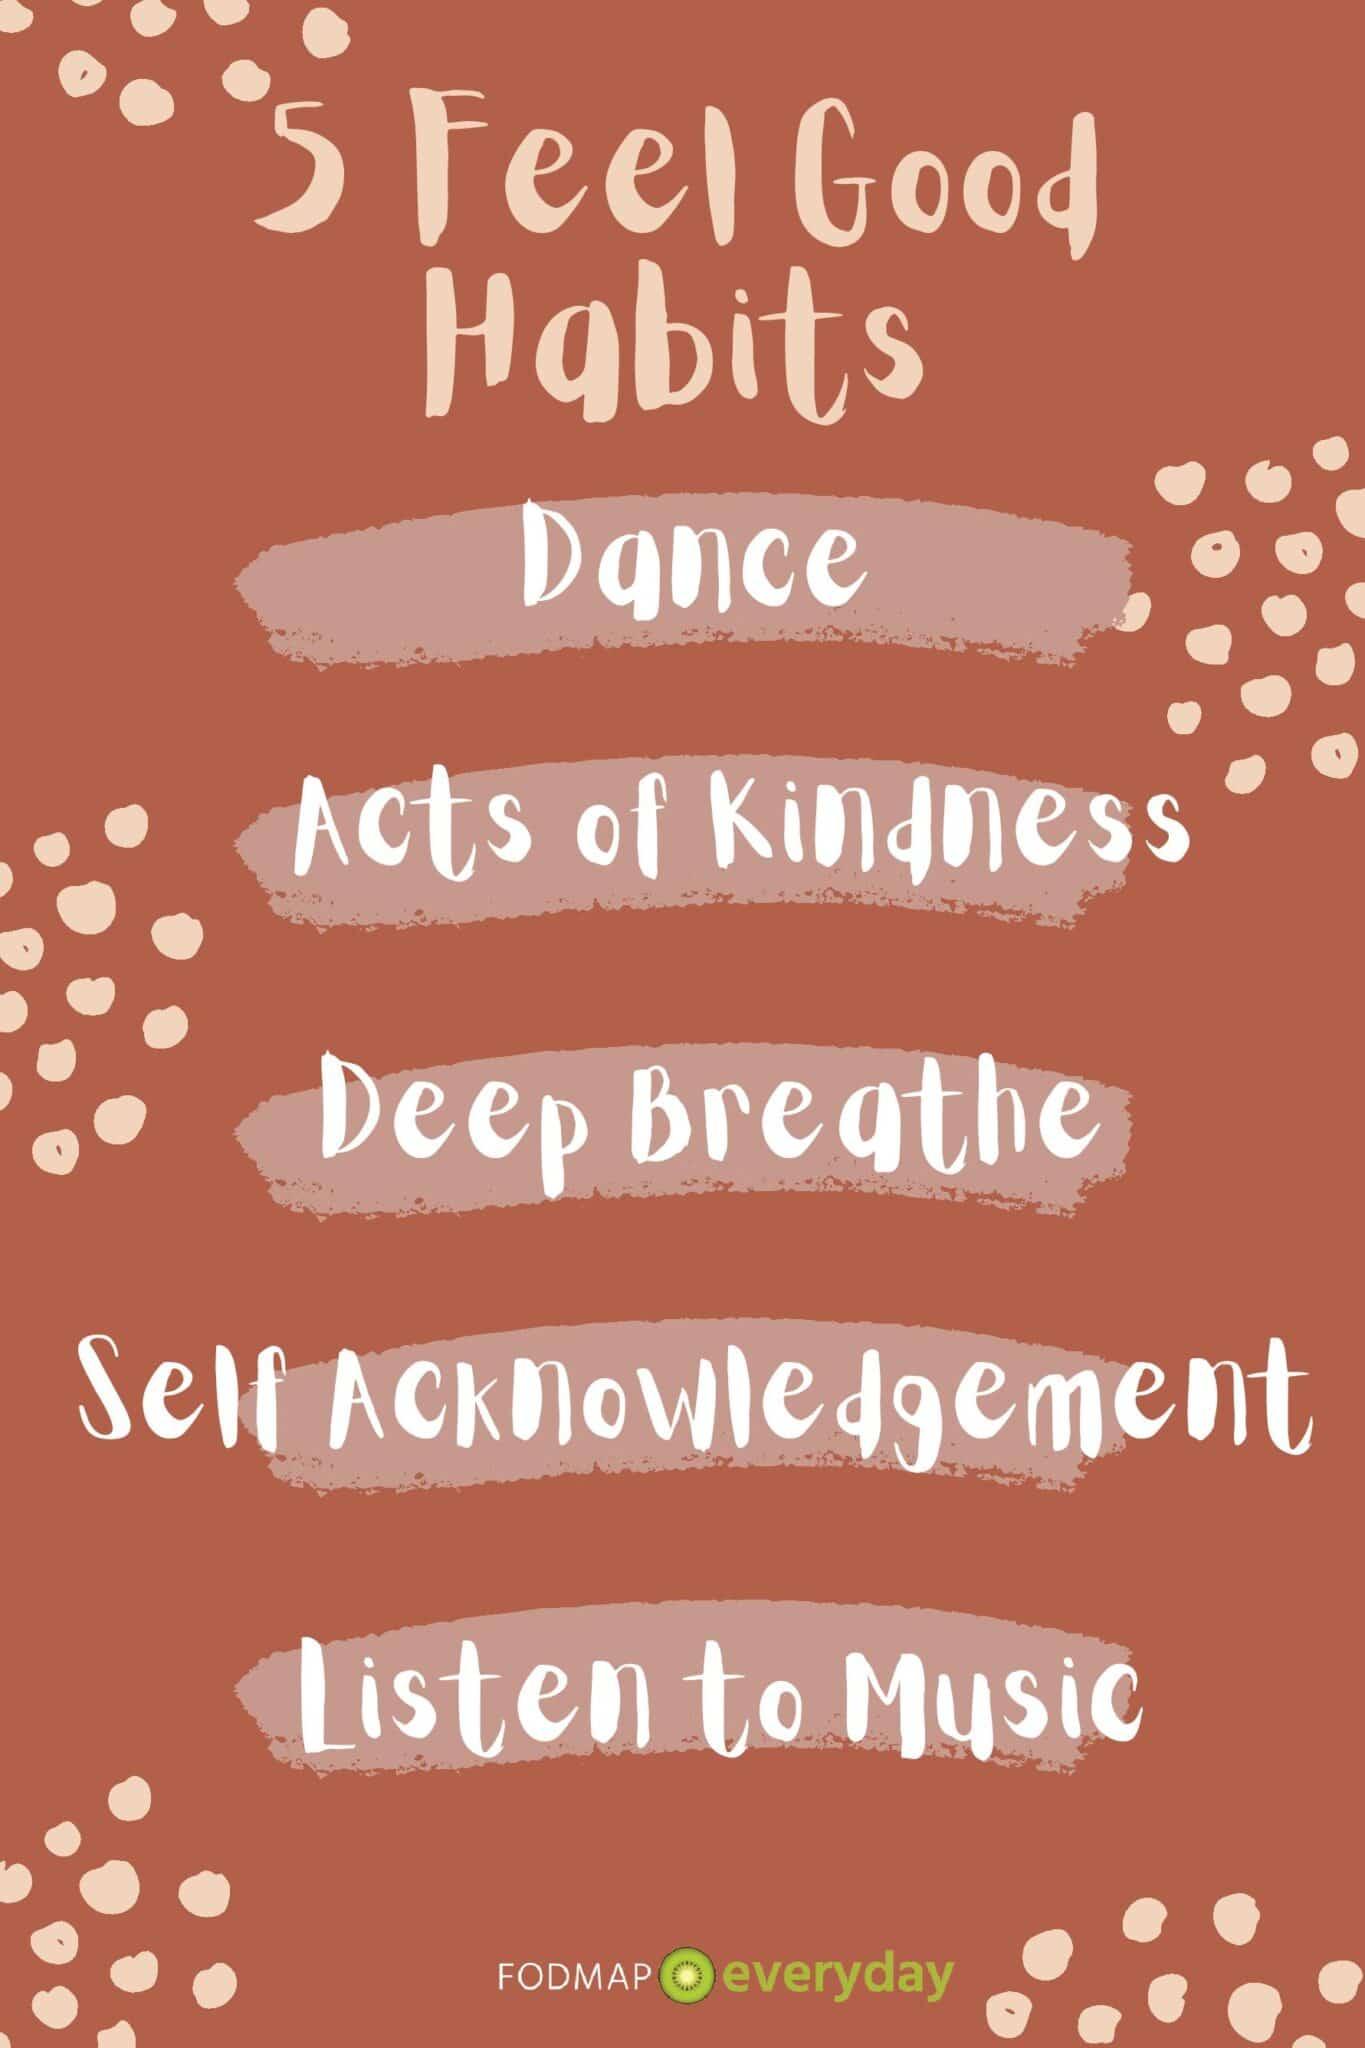 List of 5 feel good habits